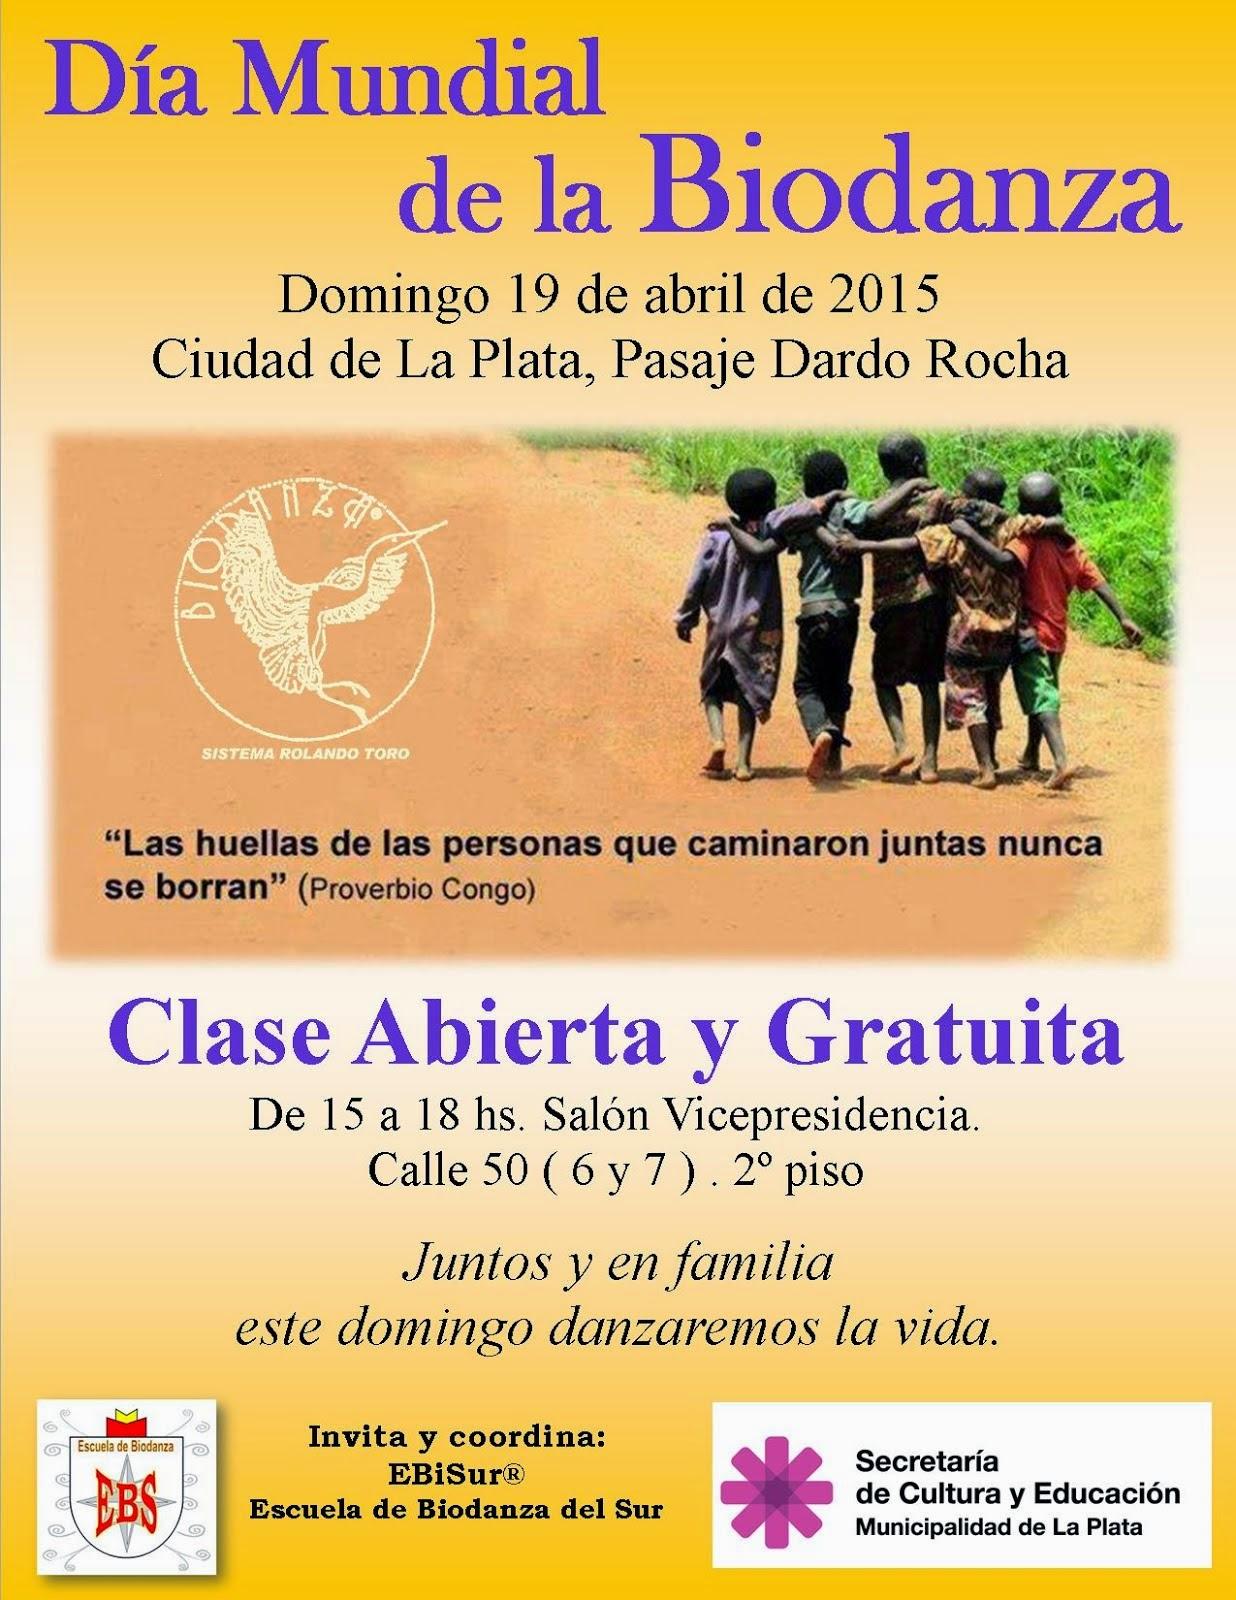 Día mundial de la Biodanza: clase abierta